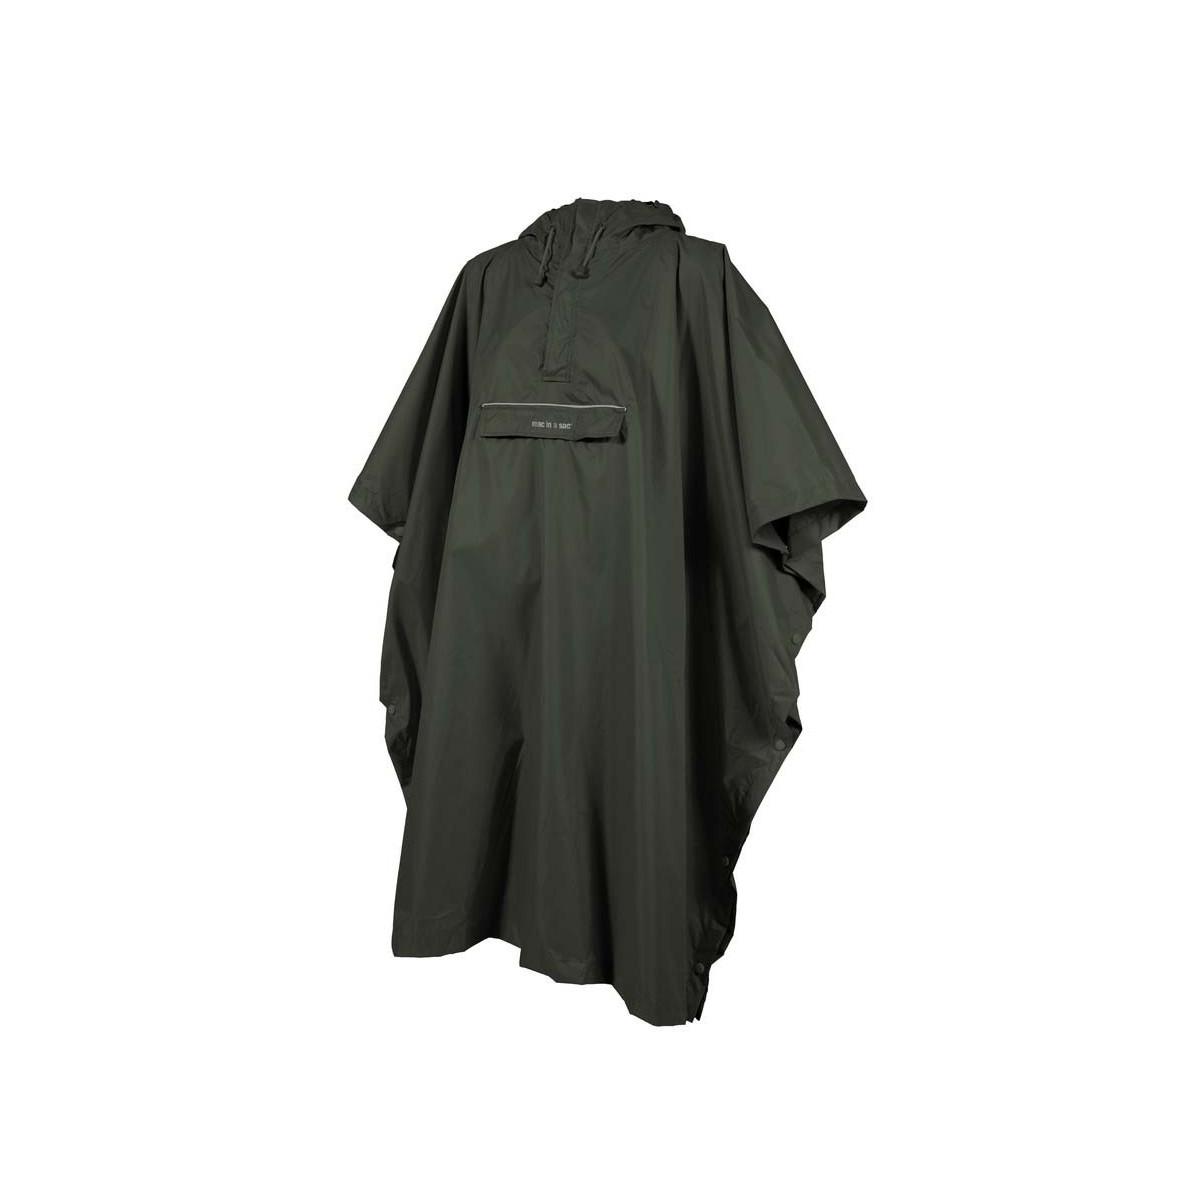 poncho de pluie de randonn e et voyage macin a sac v tements de pluie inuka. Black Bedroom Furniture Sets. Home Design Ideas